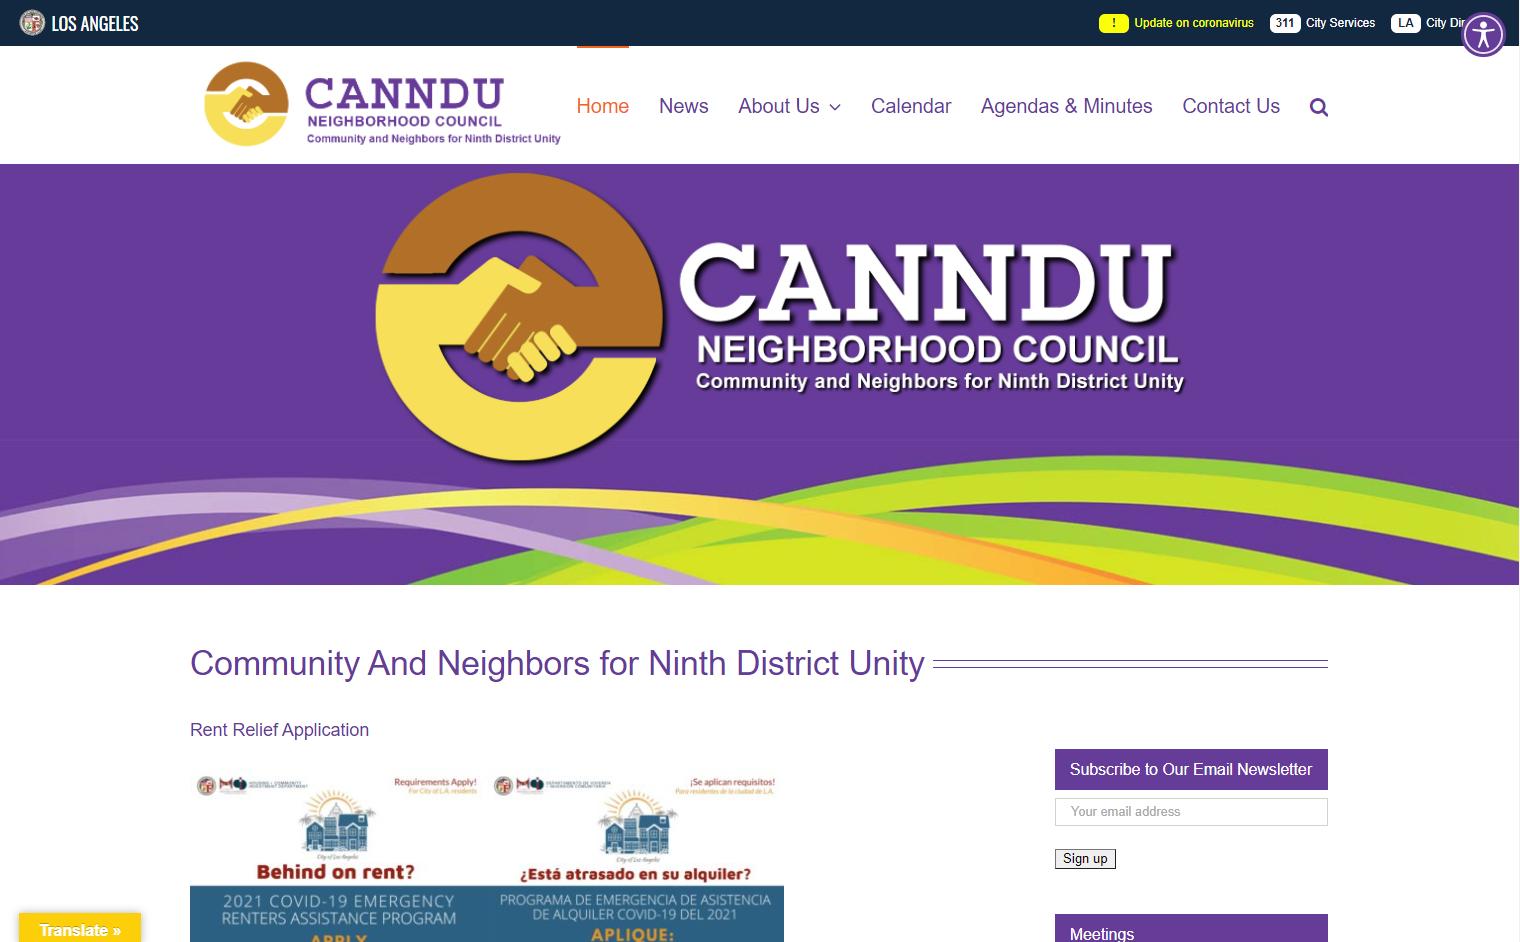 CANNDU Website